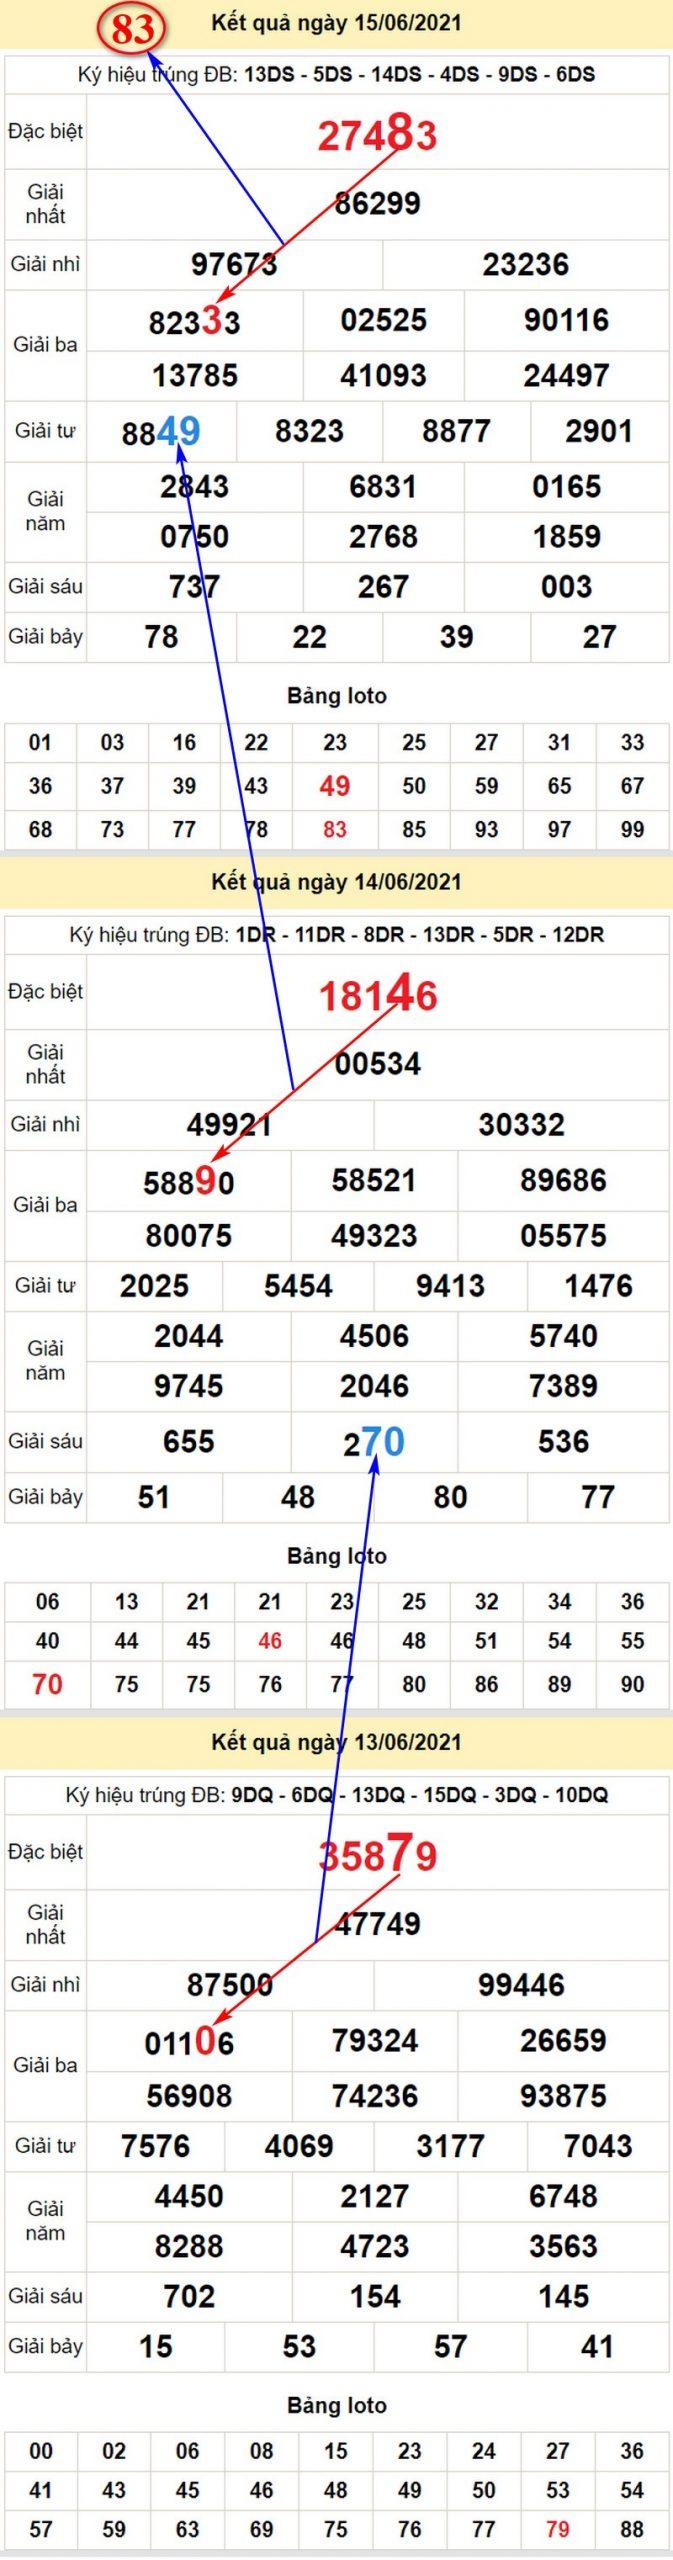 Chi tiết soi cầu dự đoán kết quả XSMB bữa thứ tư 16/6/2021